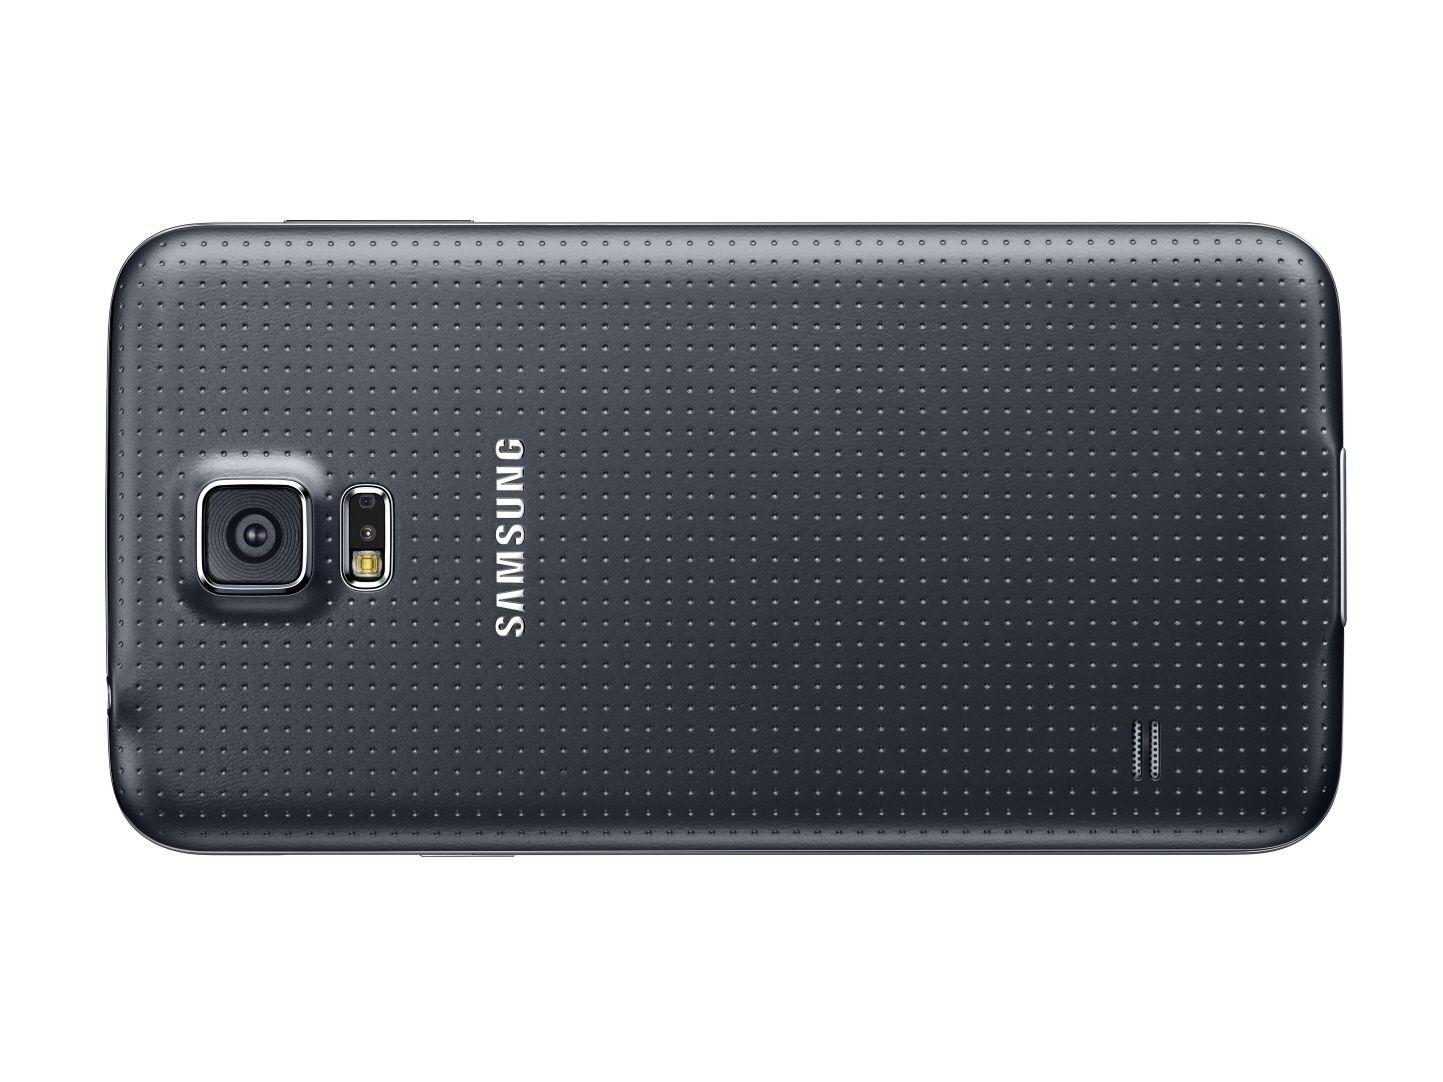 Samsung Galaxy S5 RAM